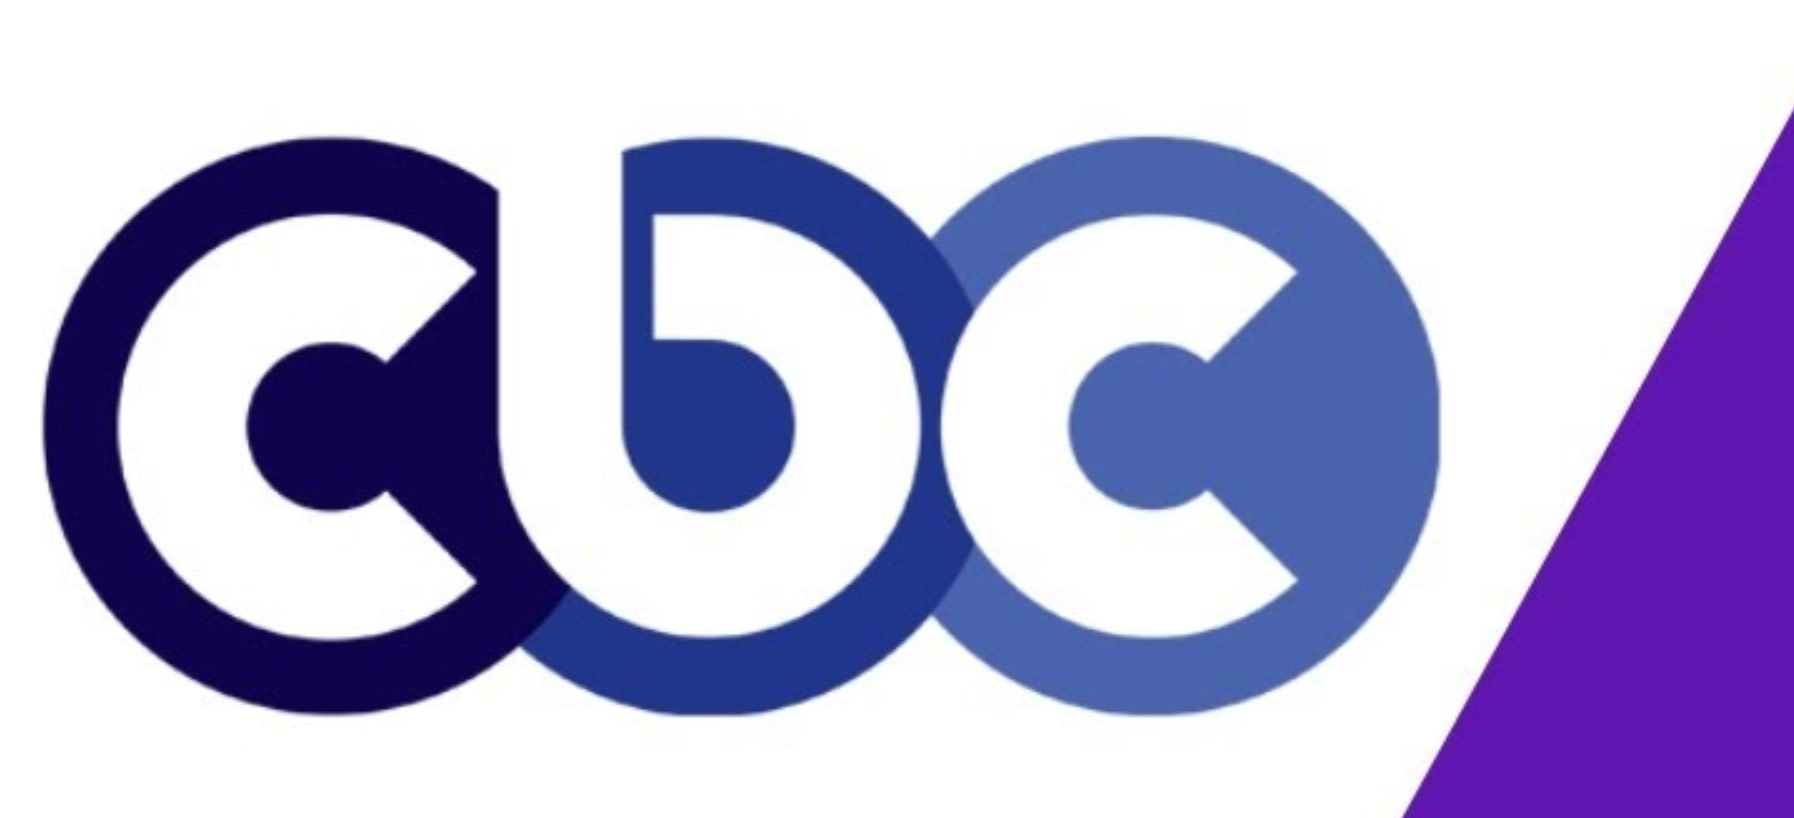 تعرف على تردد قنوات CBC عبر نايل سات 2021 وطريقة الضبط